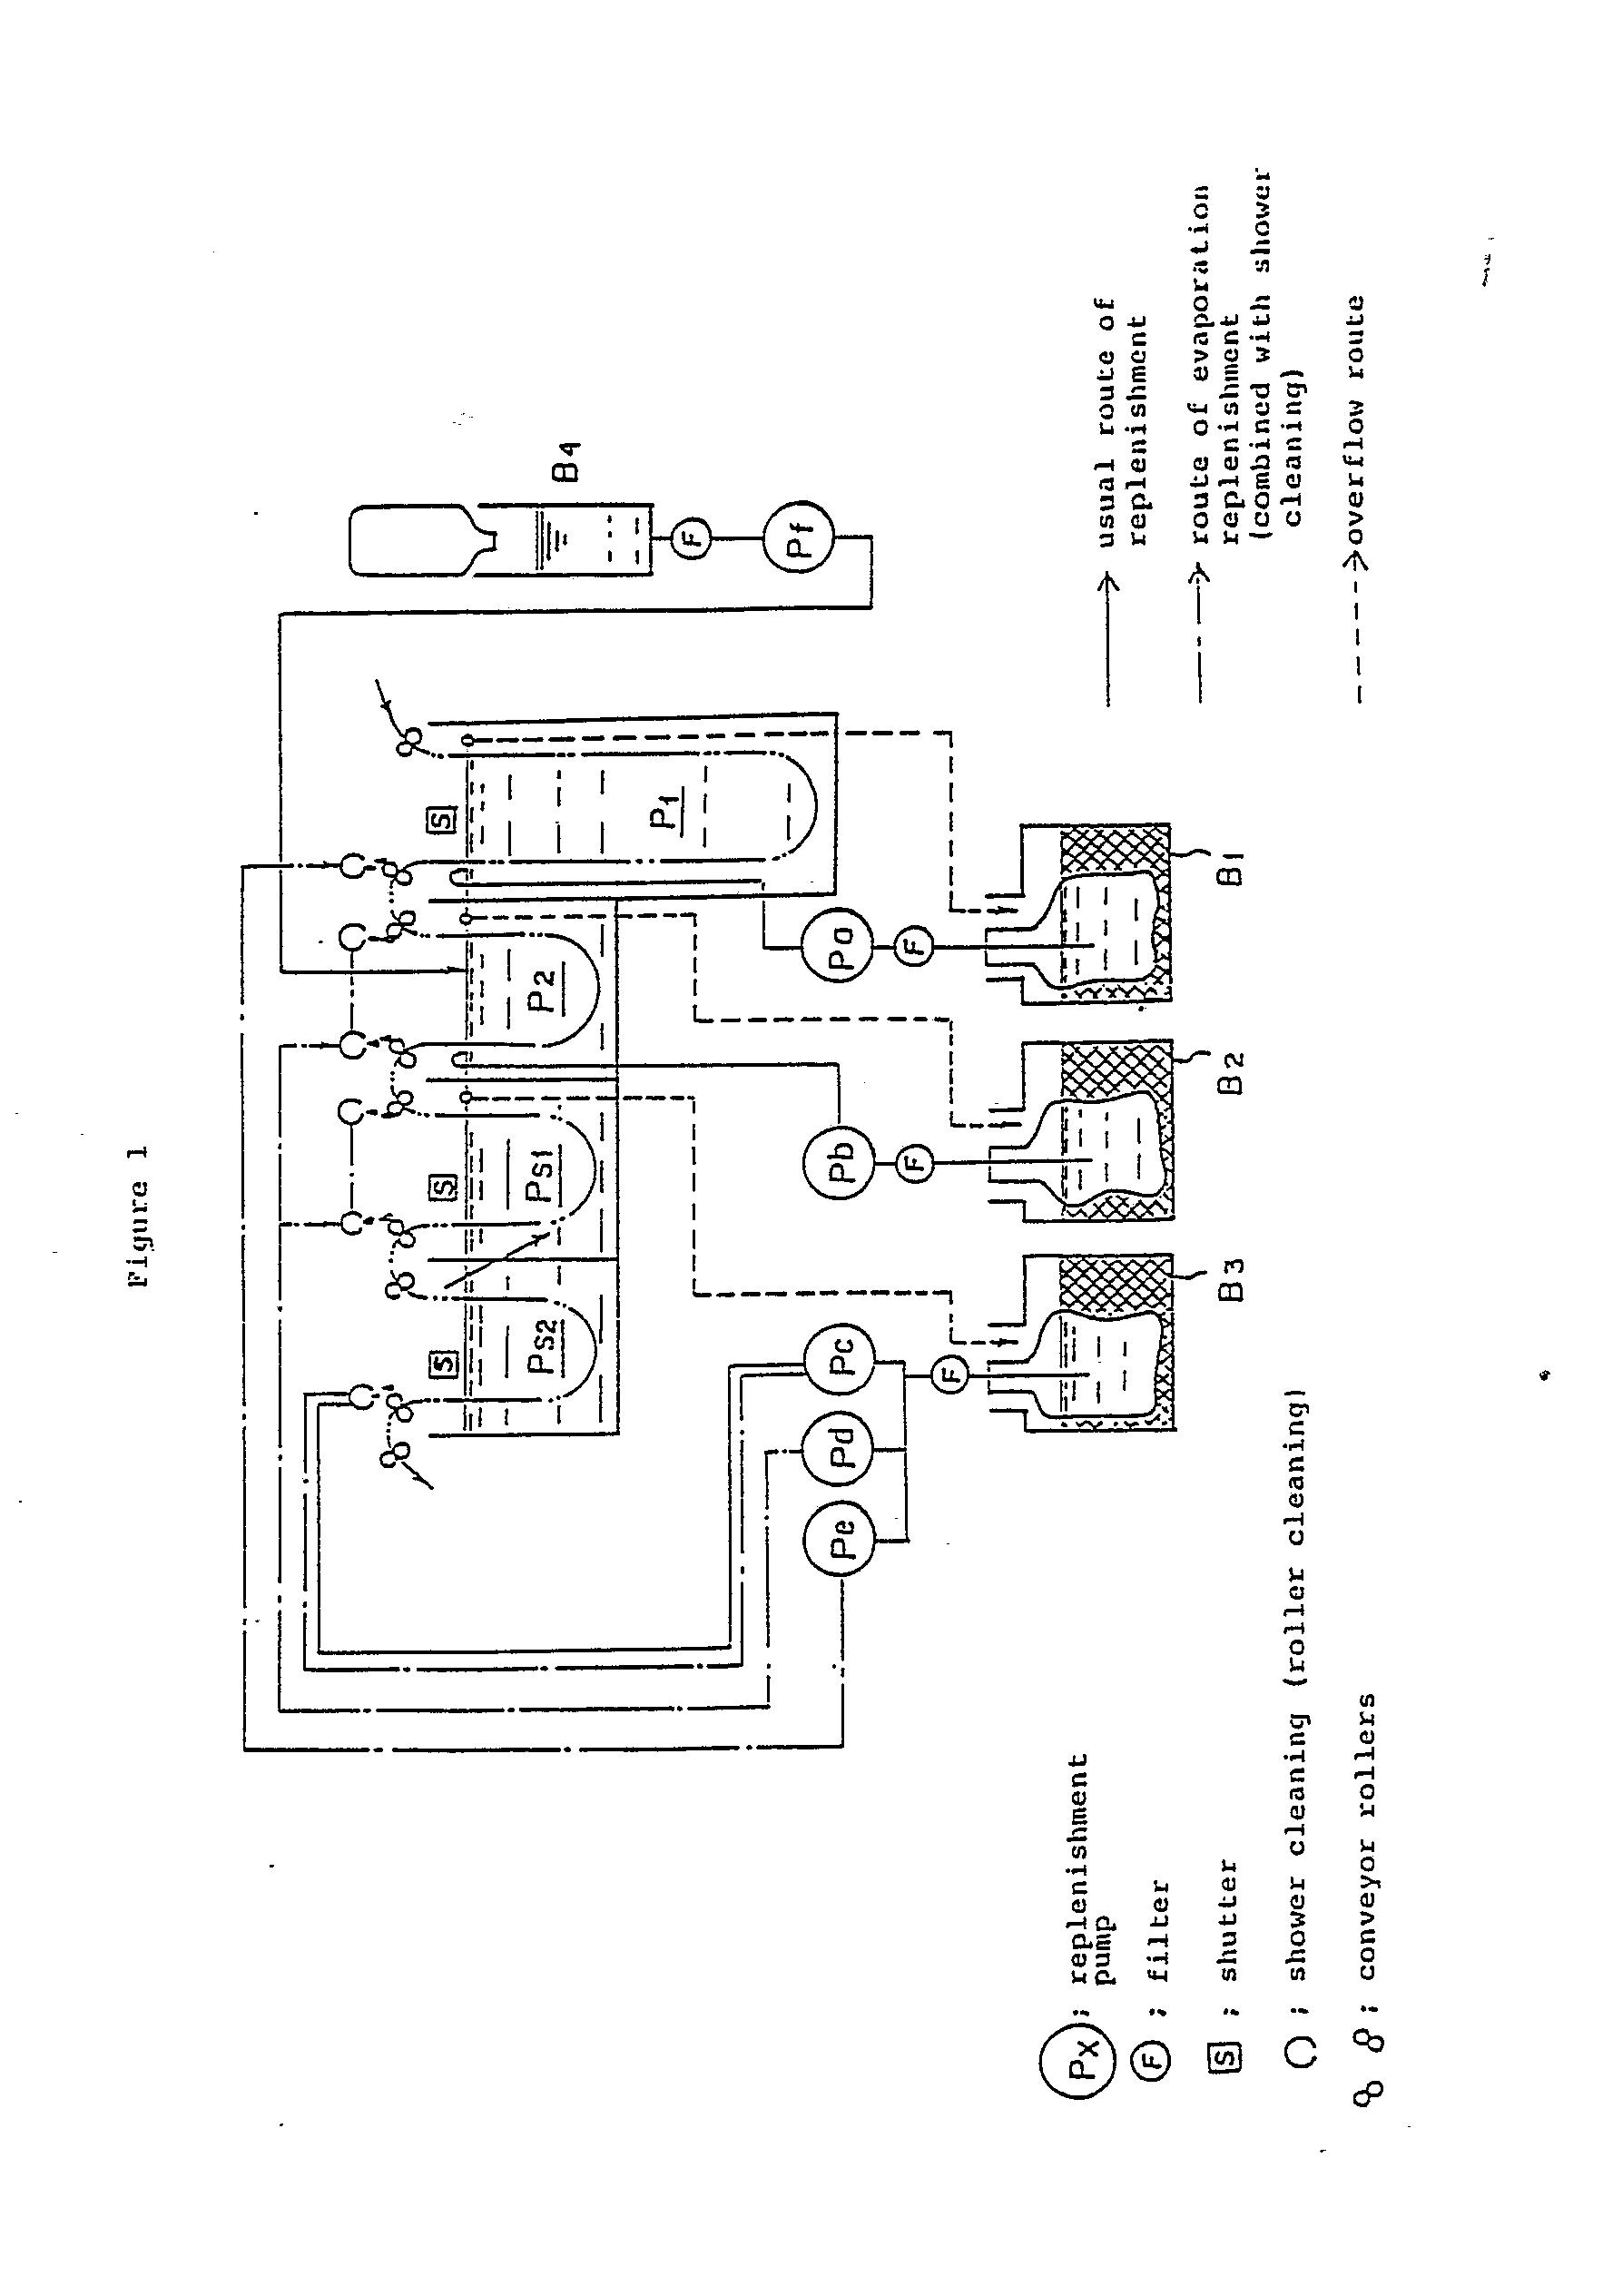 专利ep0361407a2 - procédé de traitement de ri s